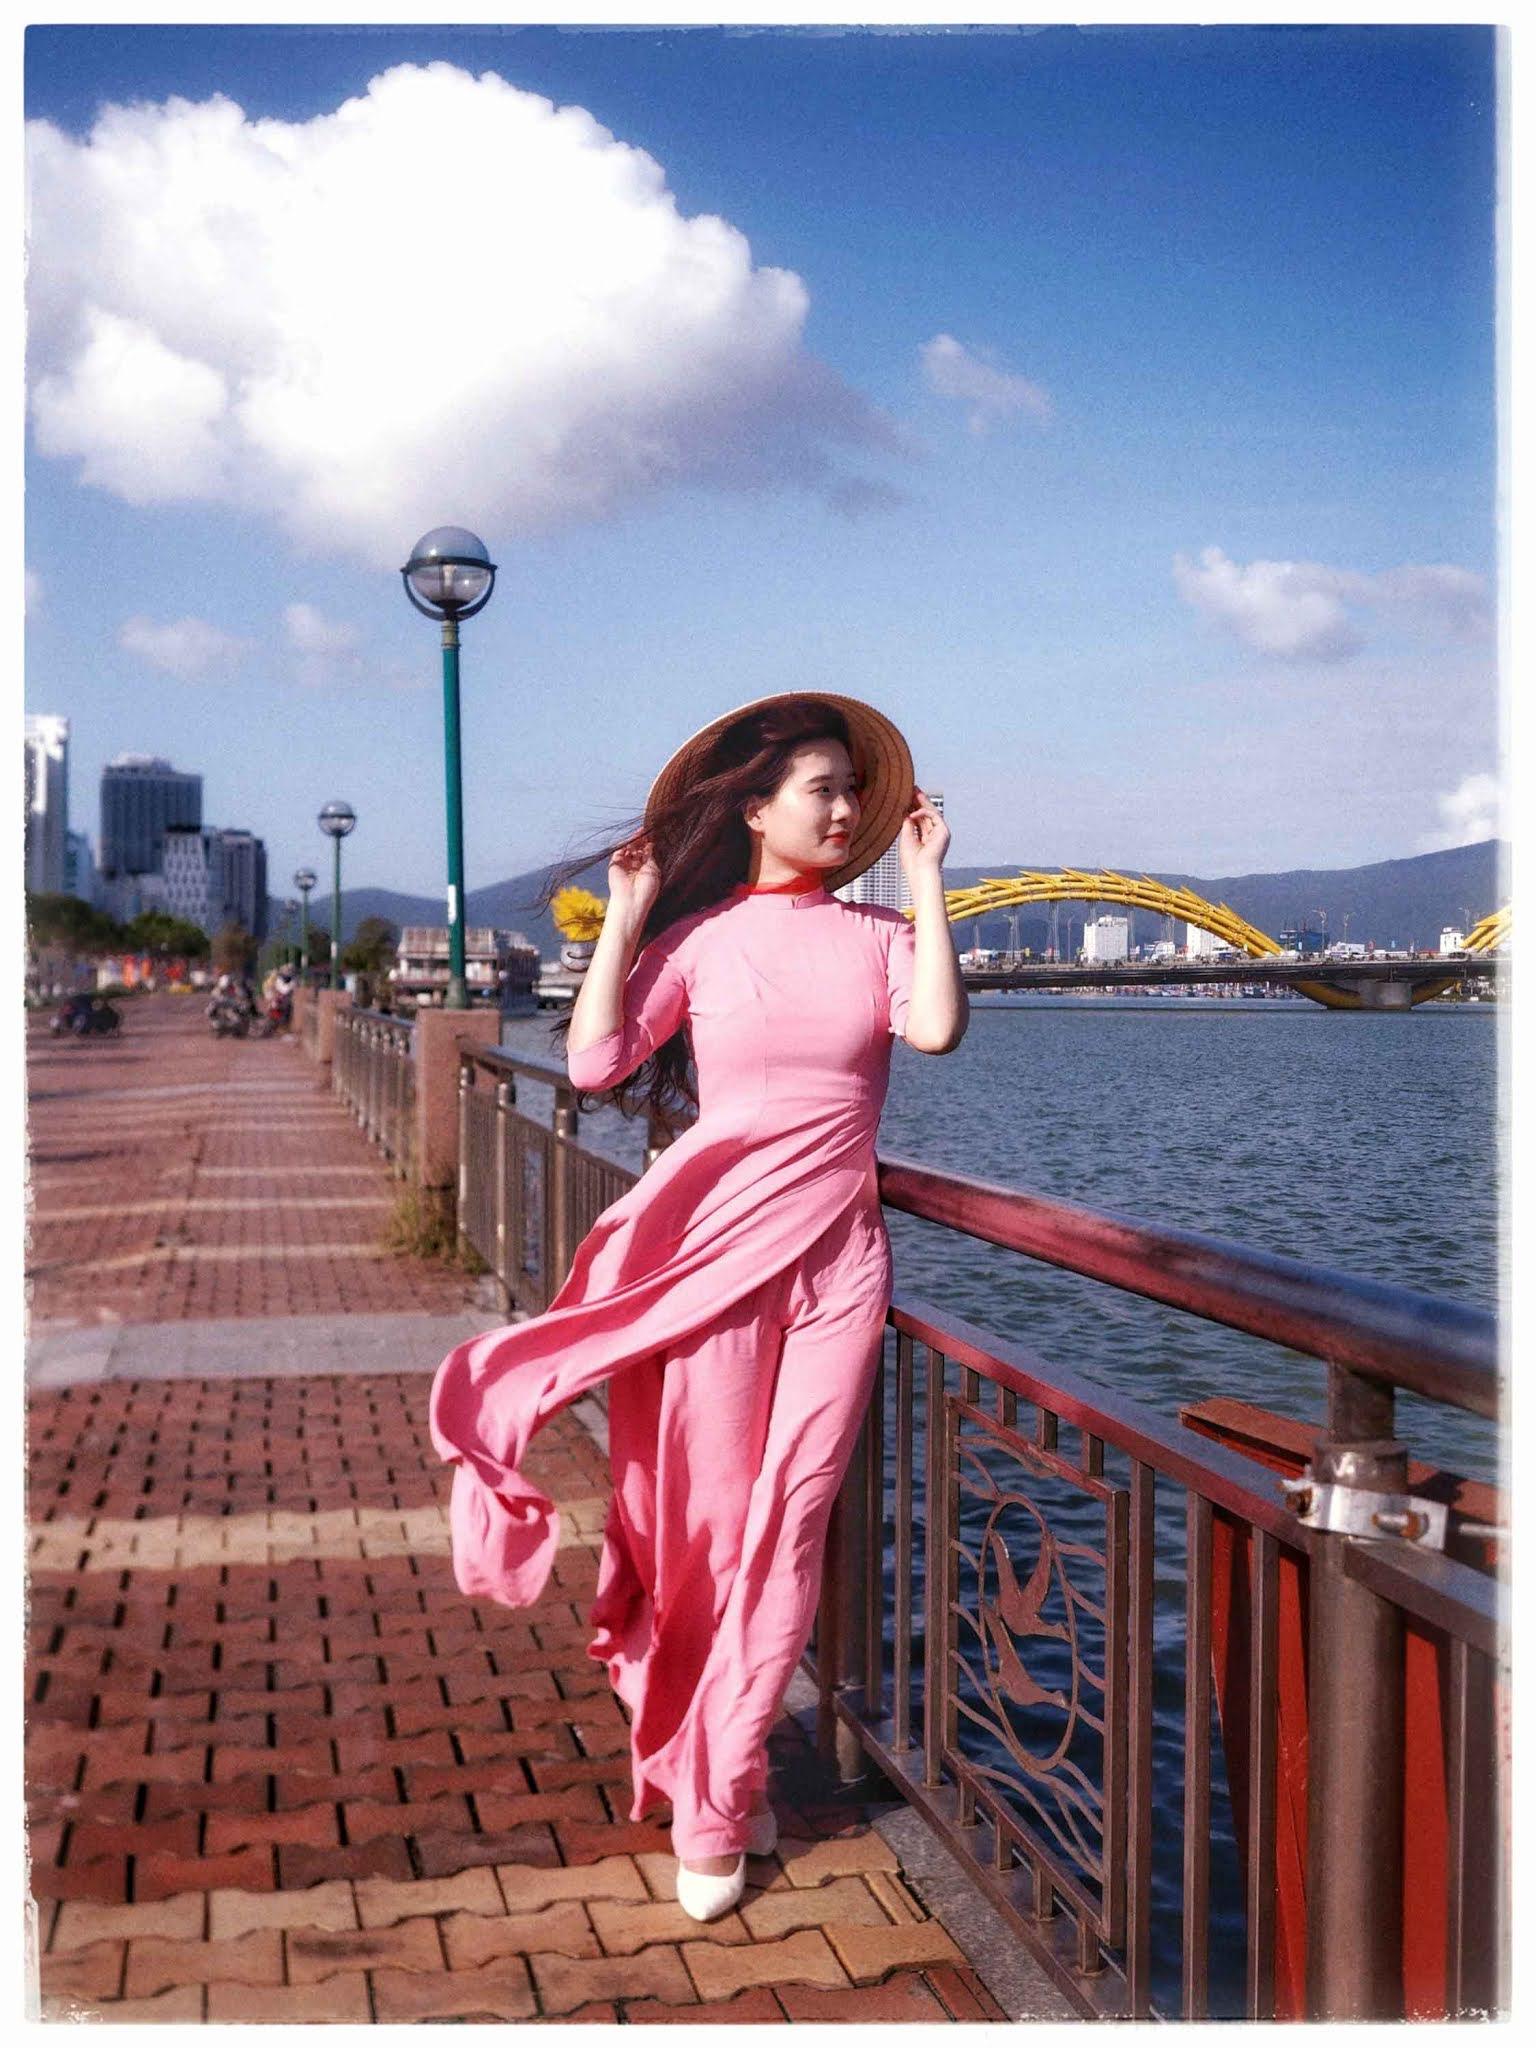 Tuyển dụng mẫu ảnh chân dung tại Đà Nẵng, Quảng Nam